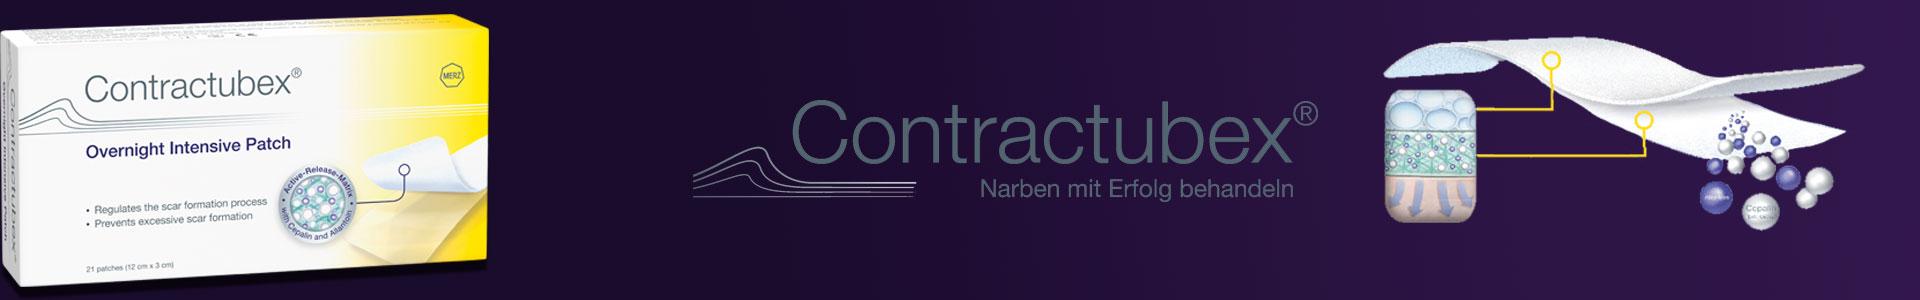 Portfolio  /  Pharmaceutical  /  Contractubex  /